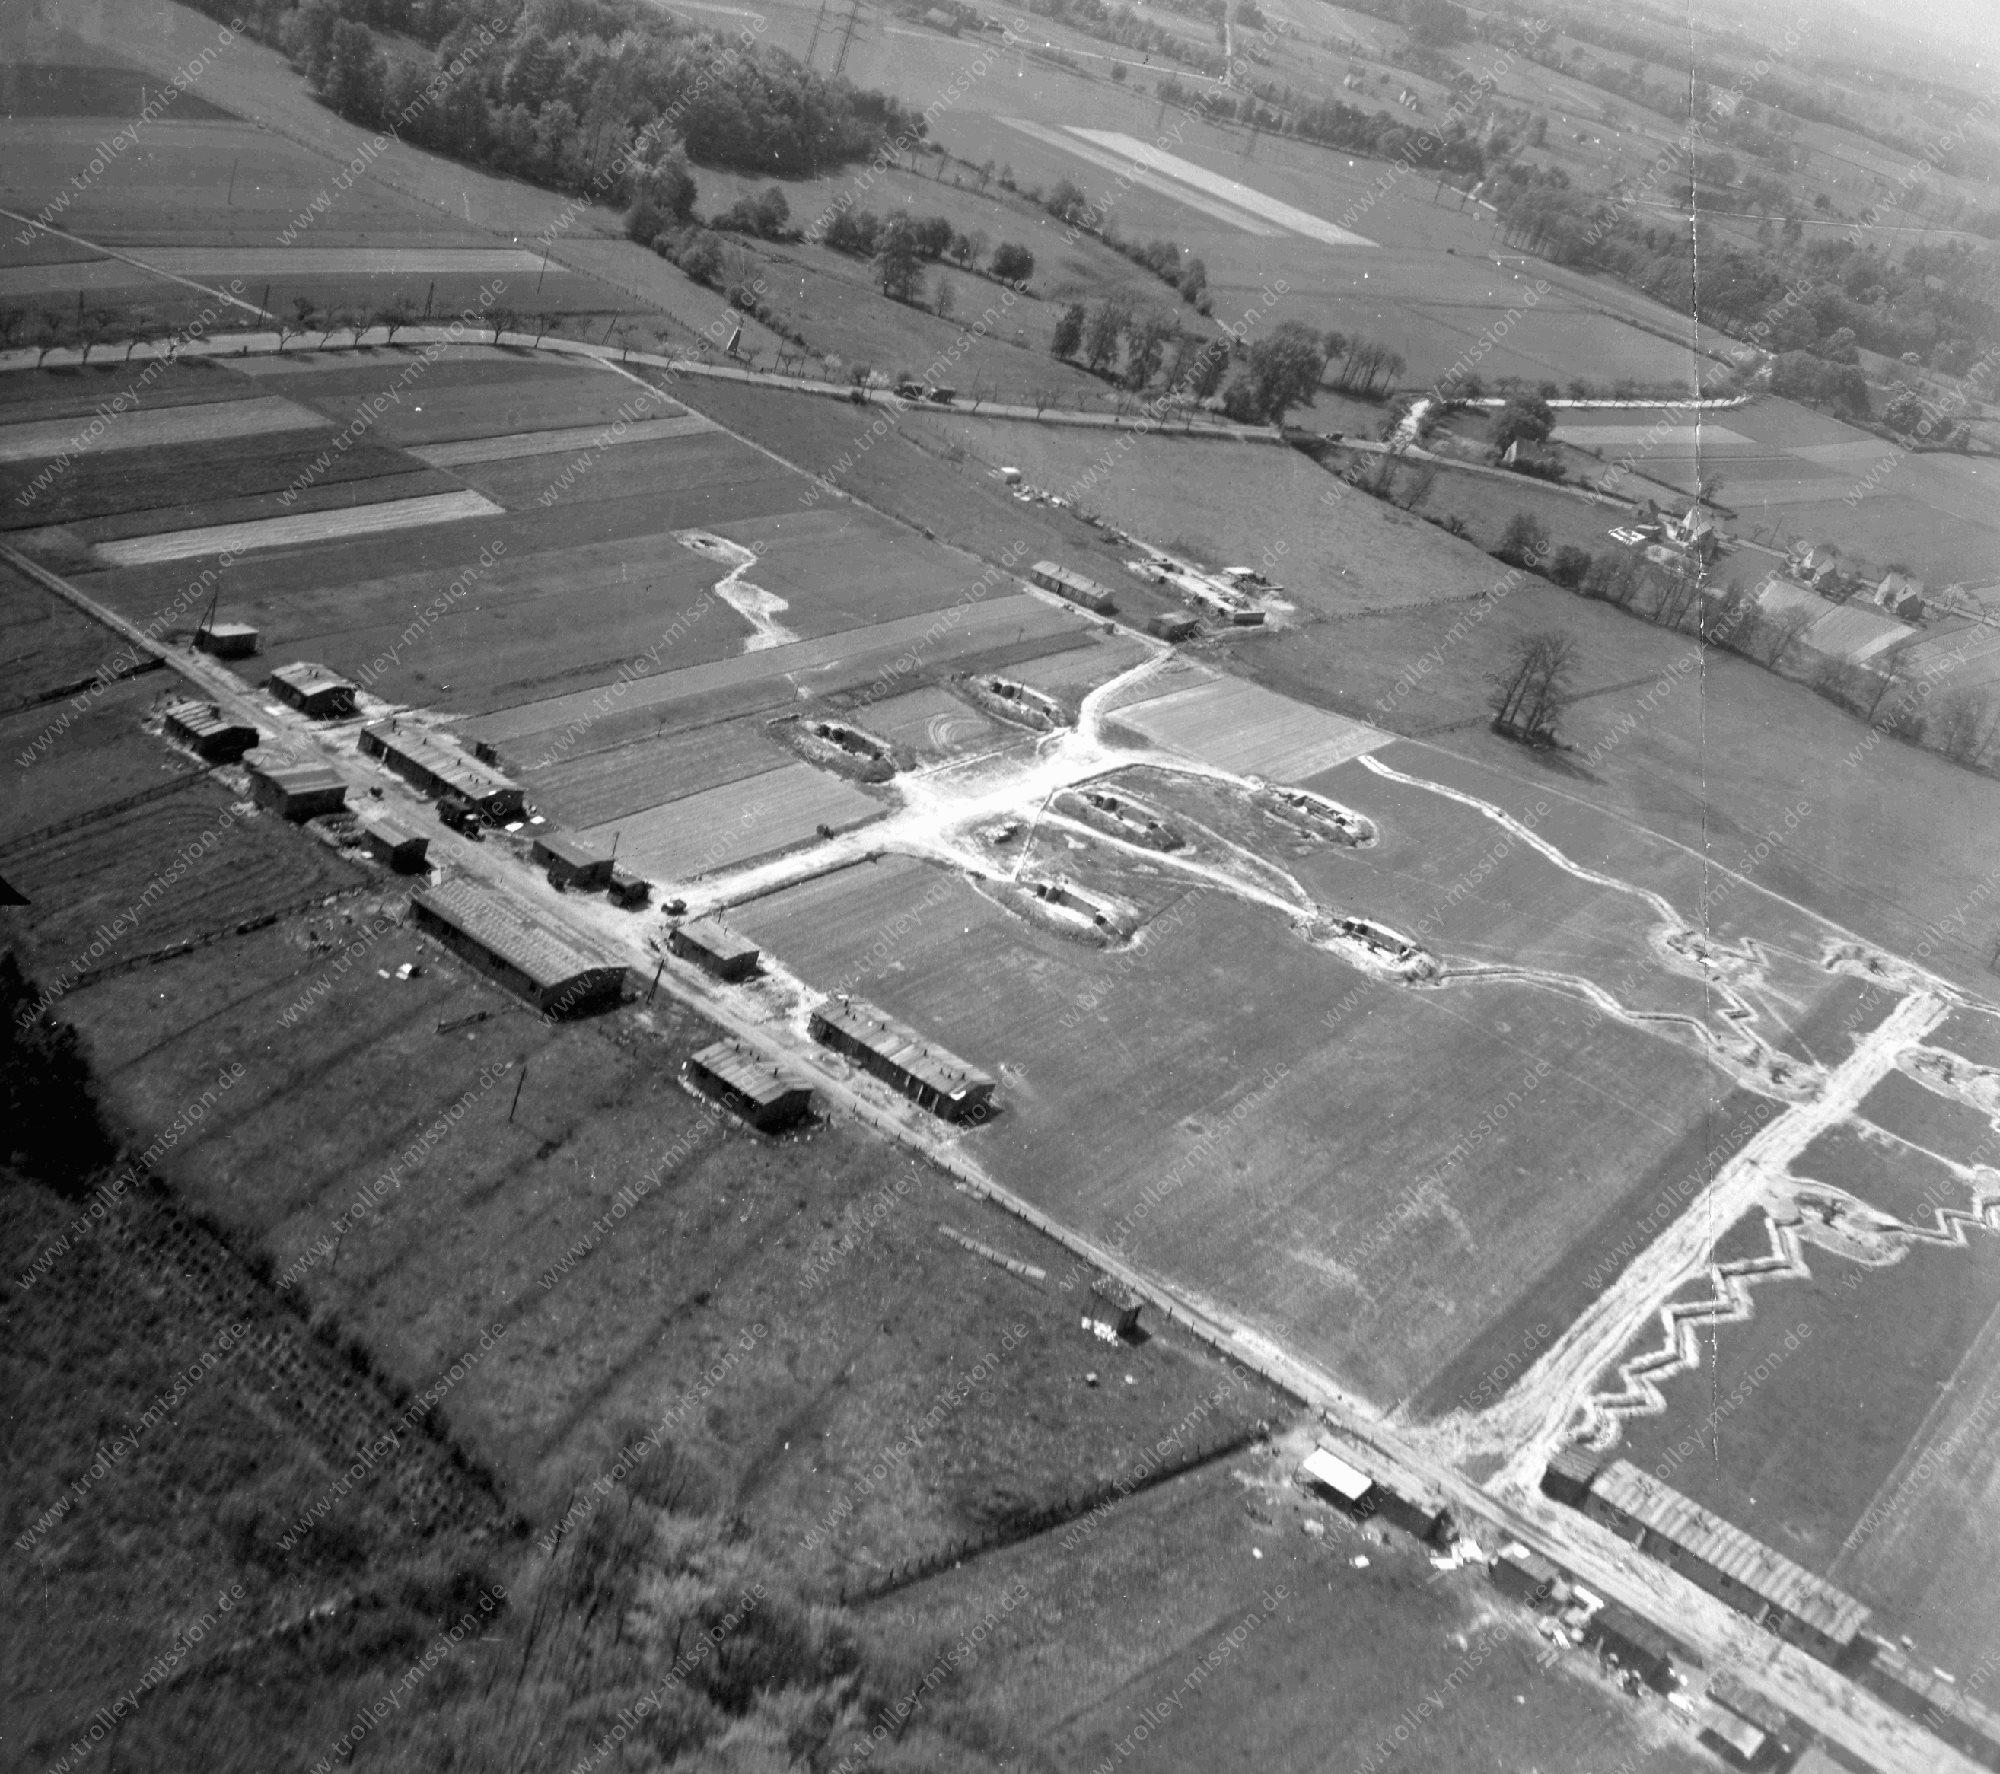 Luftbild einer Flak-Stellung bei Osnabrück (Flugabwehrkanone)